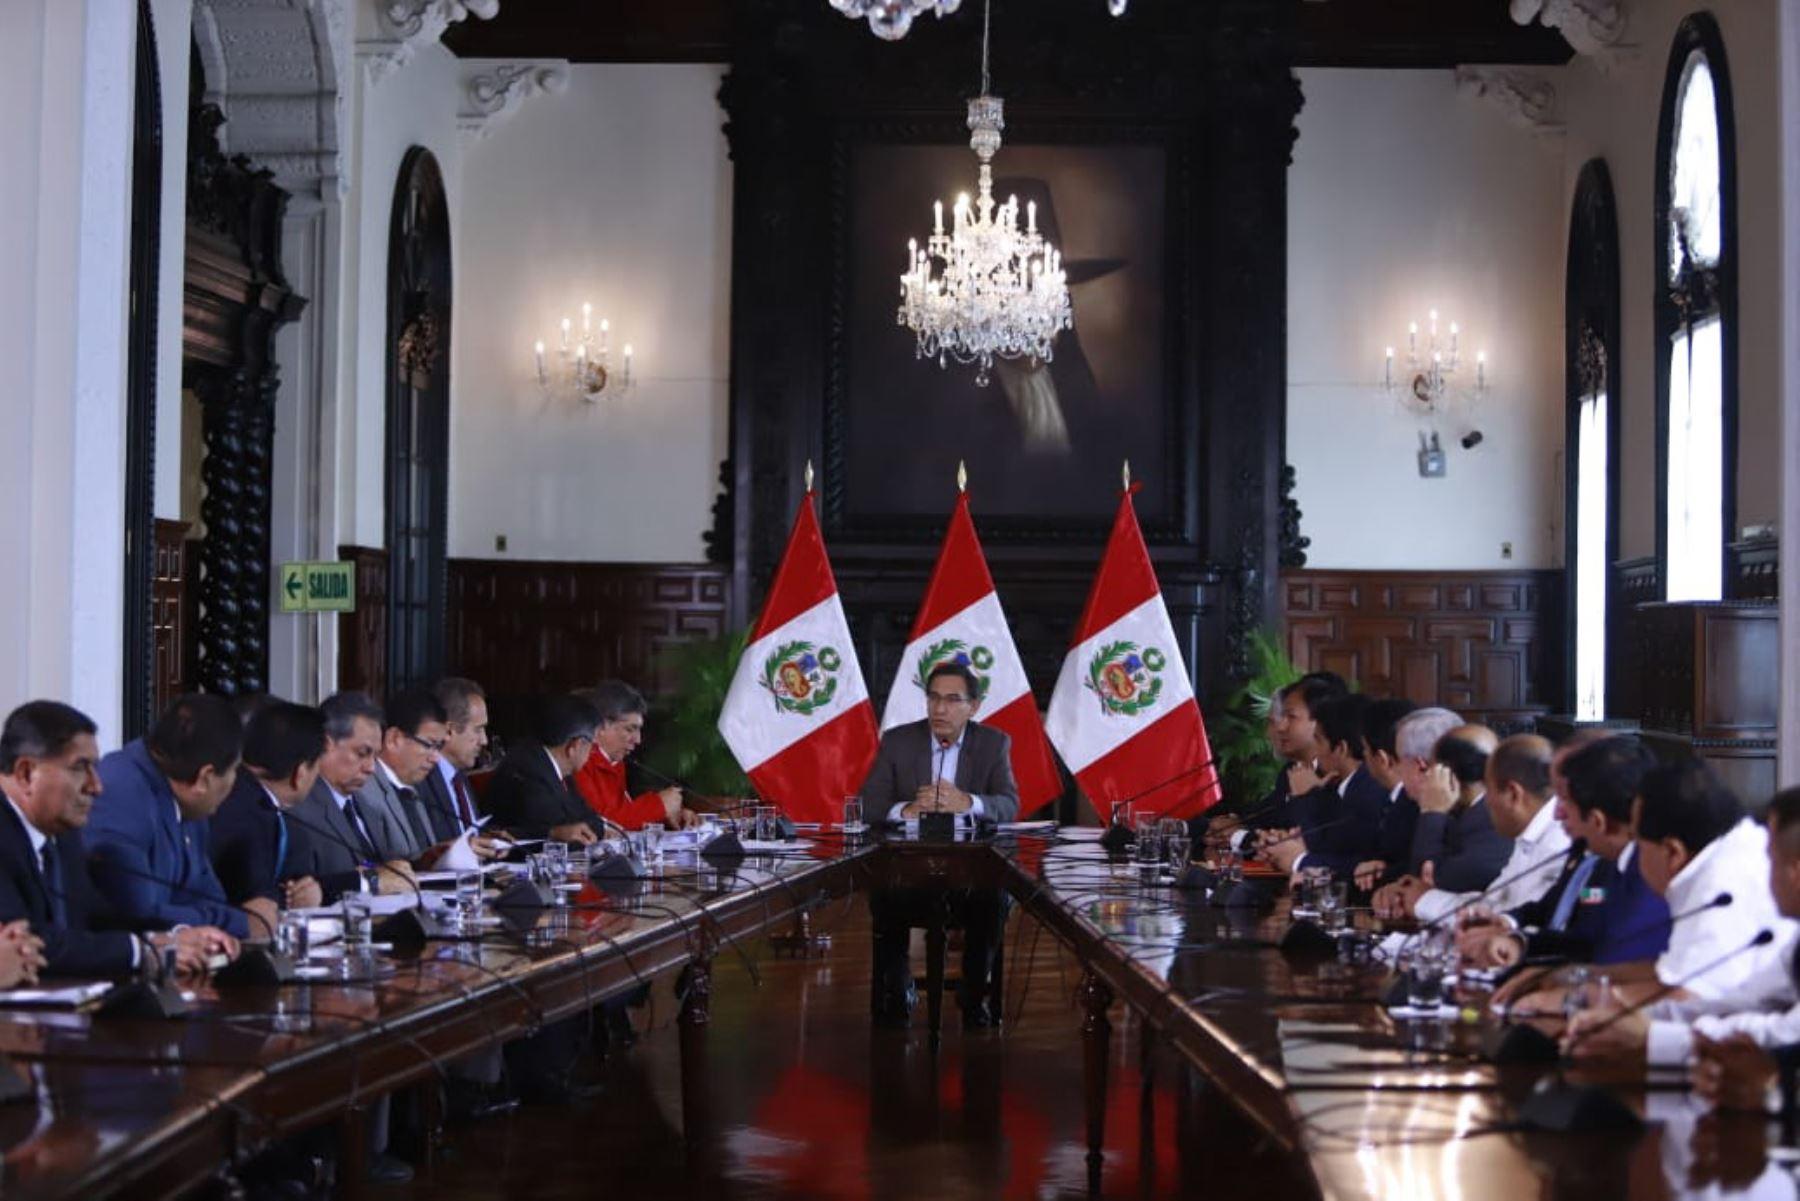 El presidente Martín Vizcarra se reunió en Palacio de Gobierno con las autoridades y representantes de la sociedad civil de Piura, para evaluar los avances del proceso de la reconstrucción.